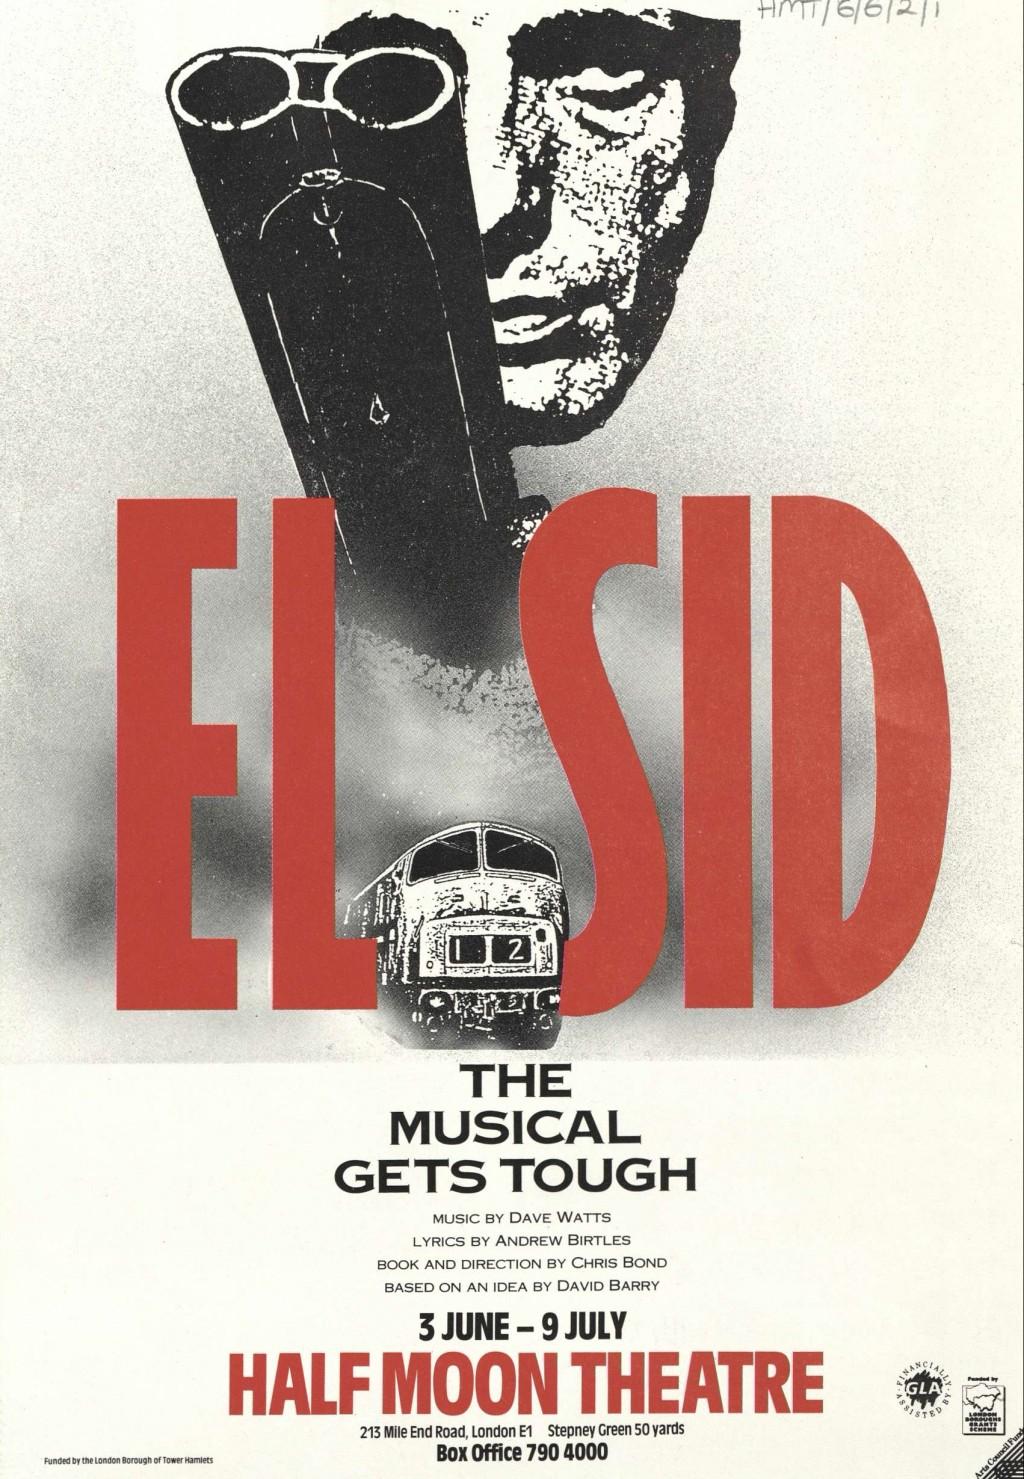 El Sid flyer (1)